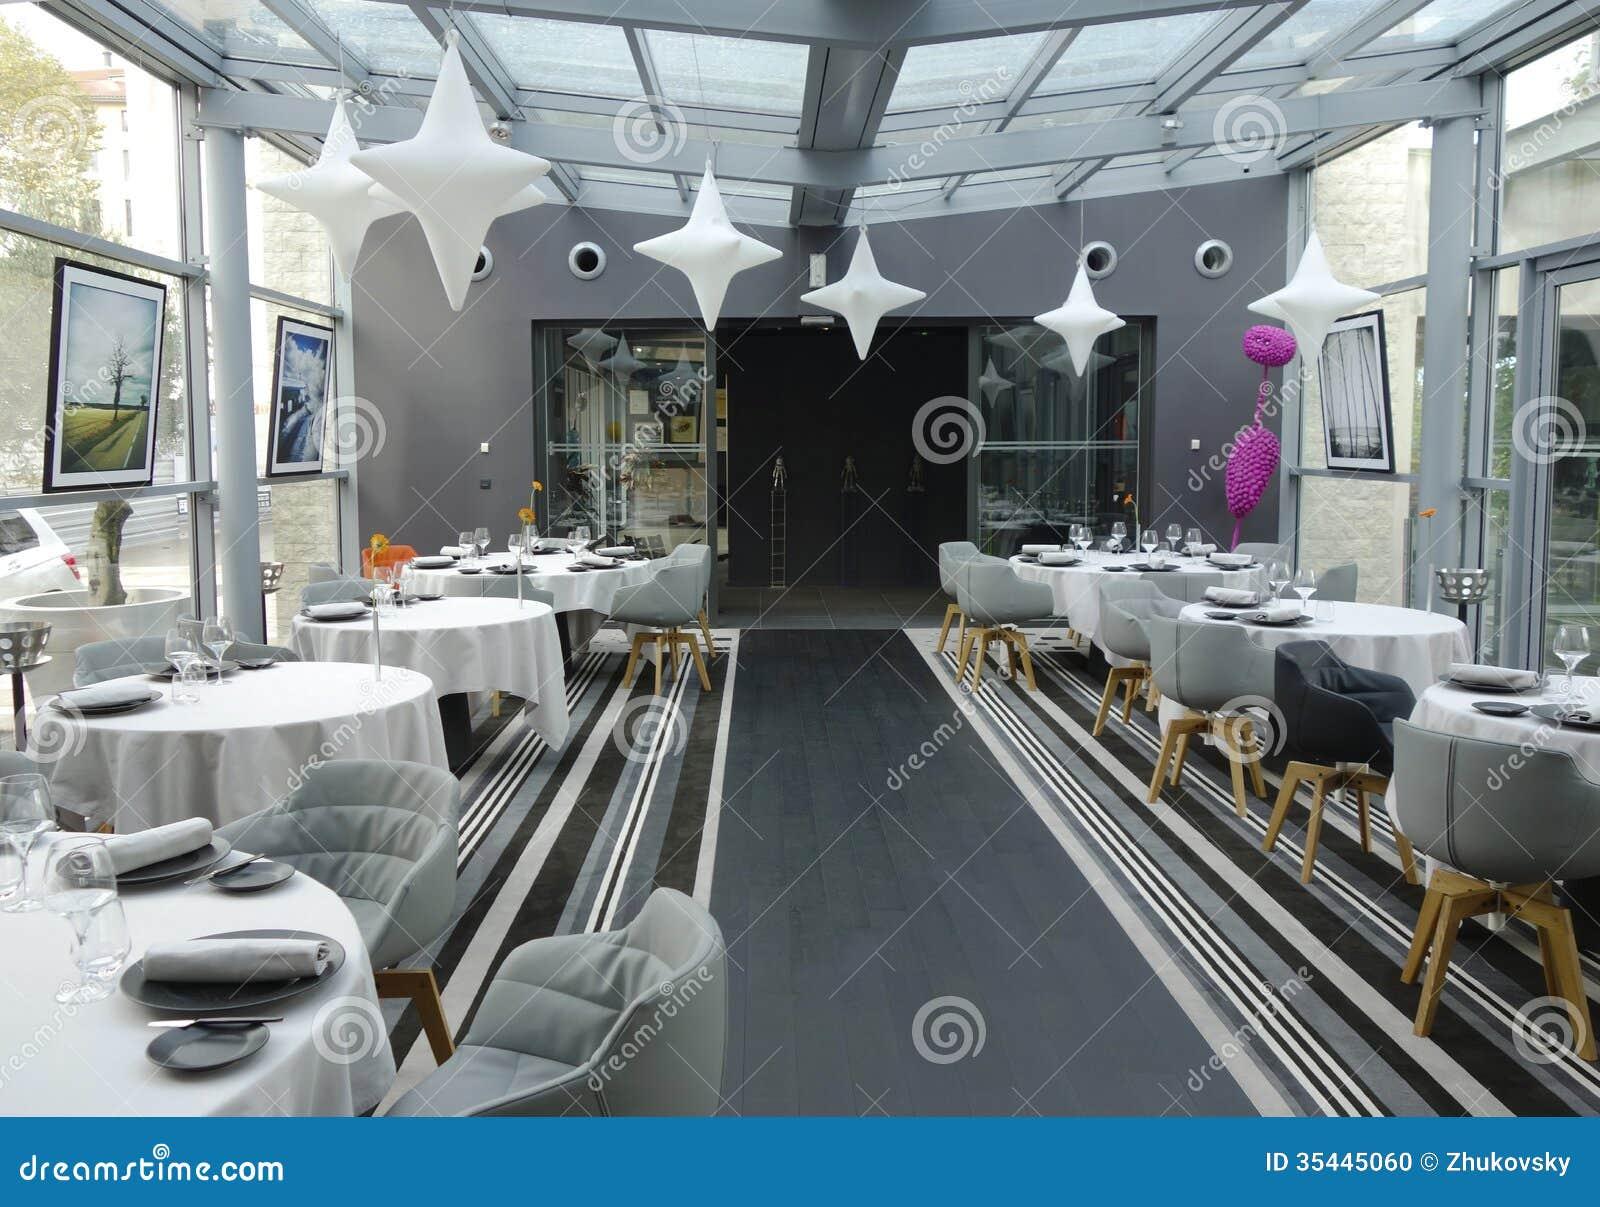 Tetedoie restaurant modern internal decoration in lyon